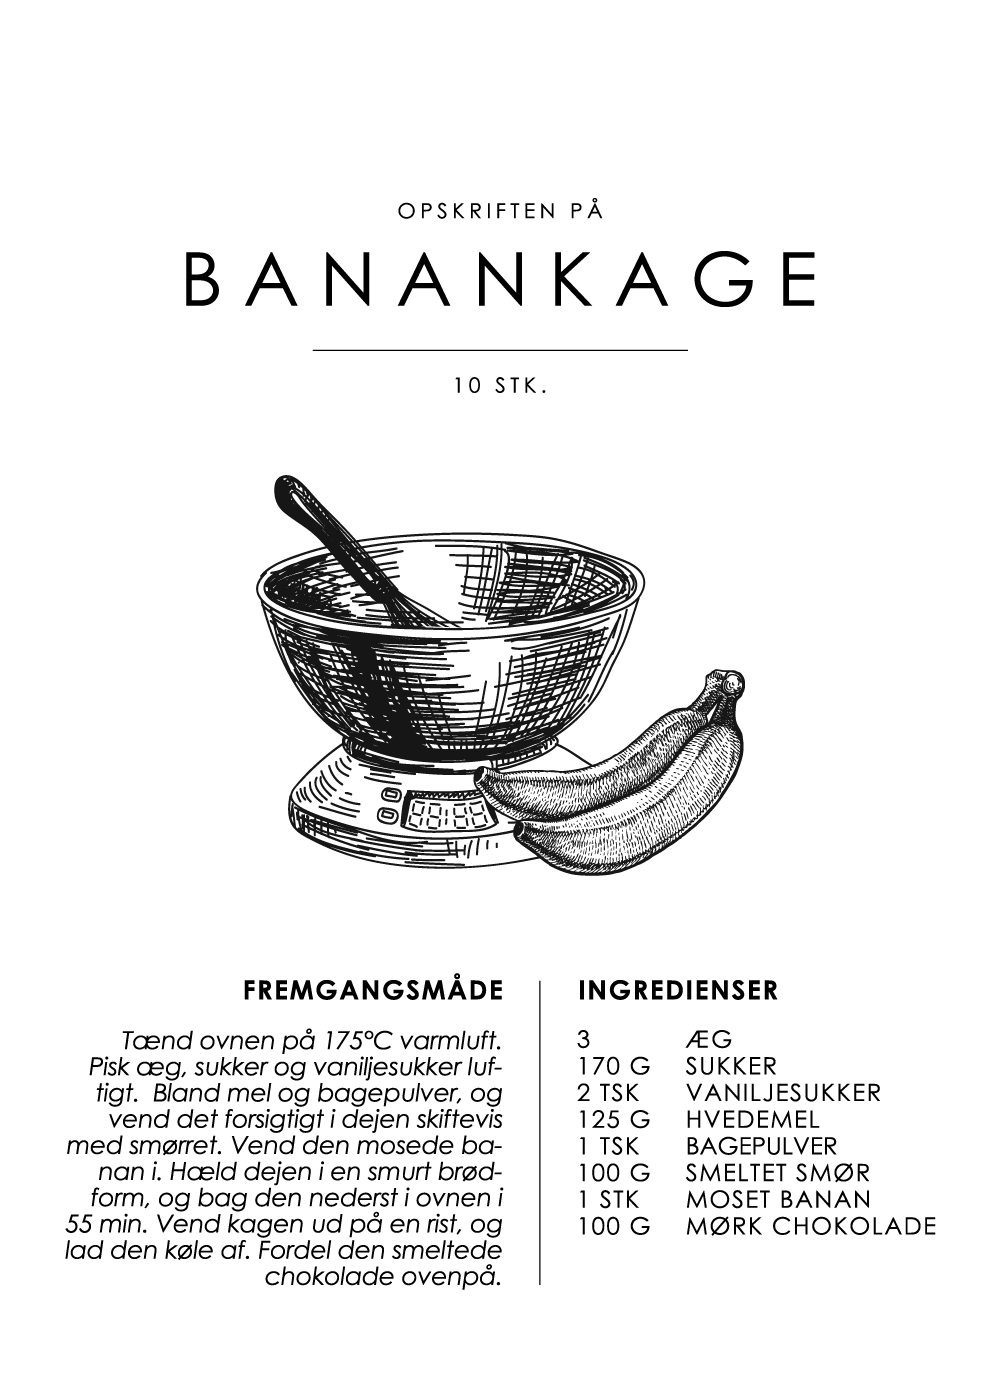 Billede af Banankage opskrift - Kage guide plakat